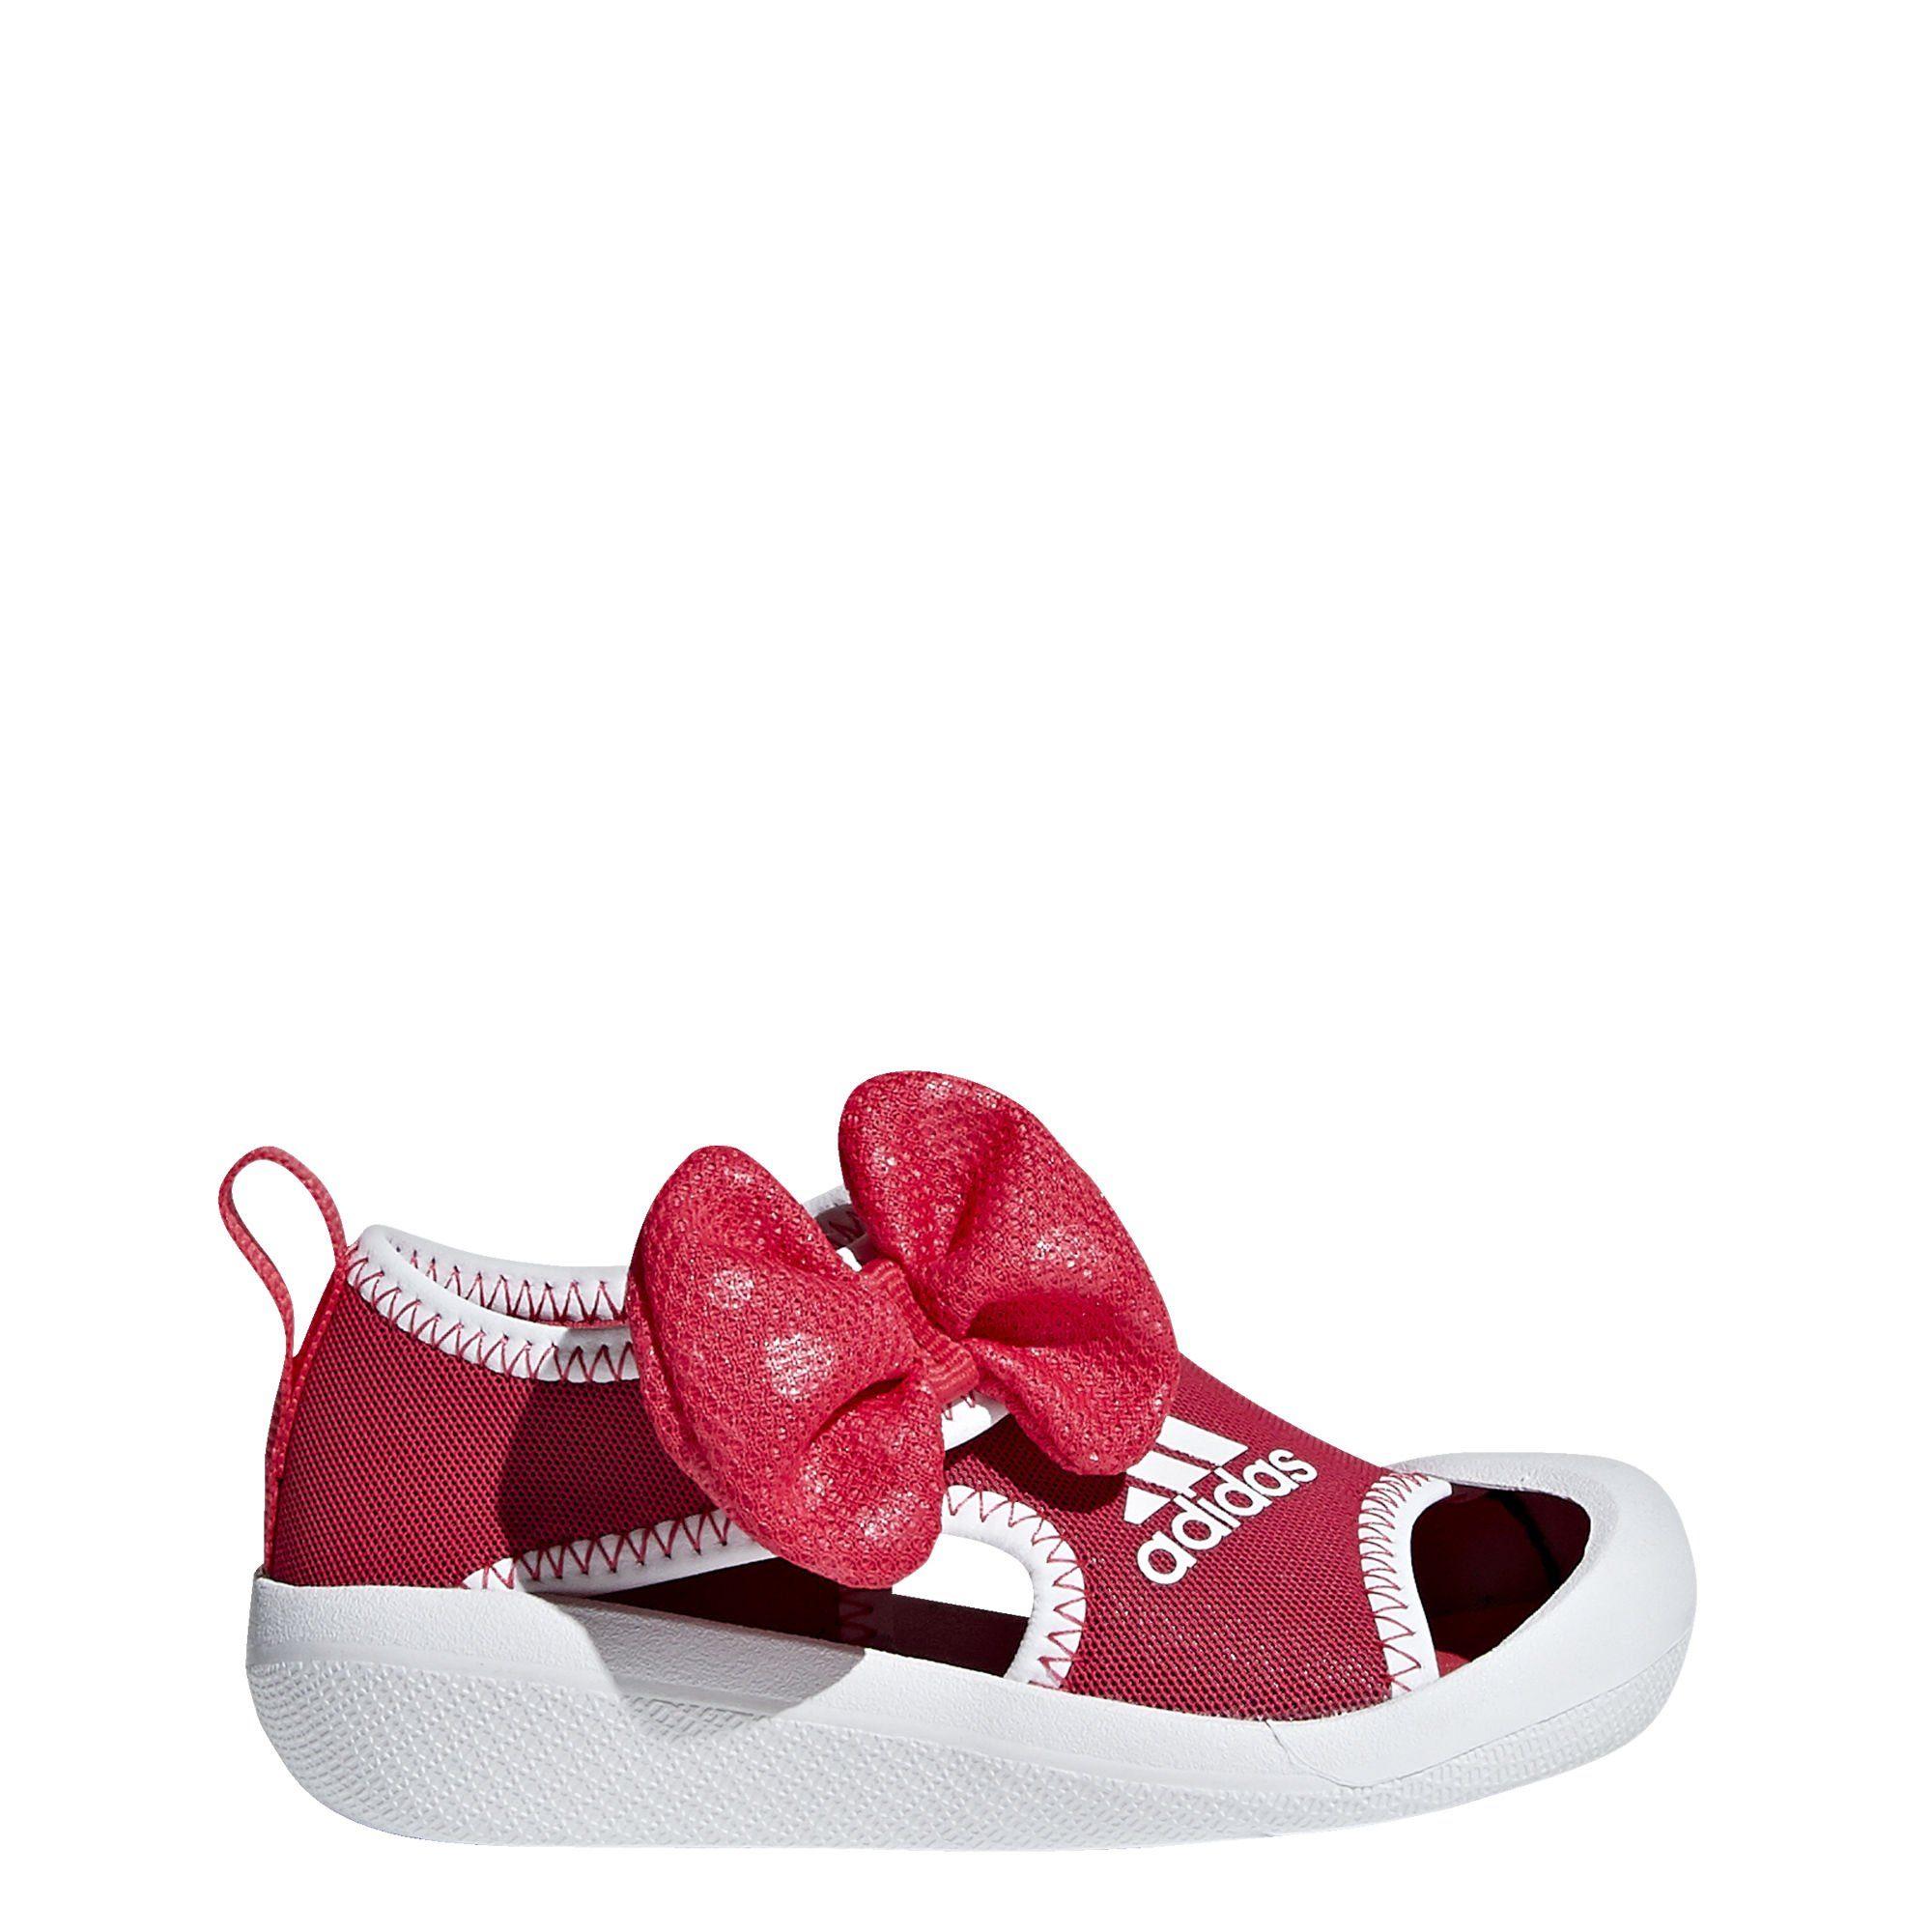 Adidas Online KaufenOtto »altaventure Minnie Performance Schuh« Maus Trainingsschuh Alta;disney Y7bg6yvf